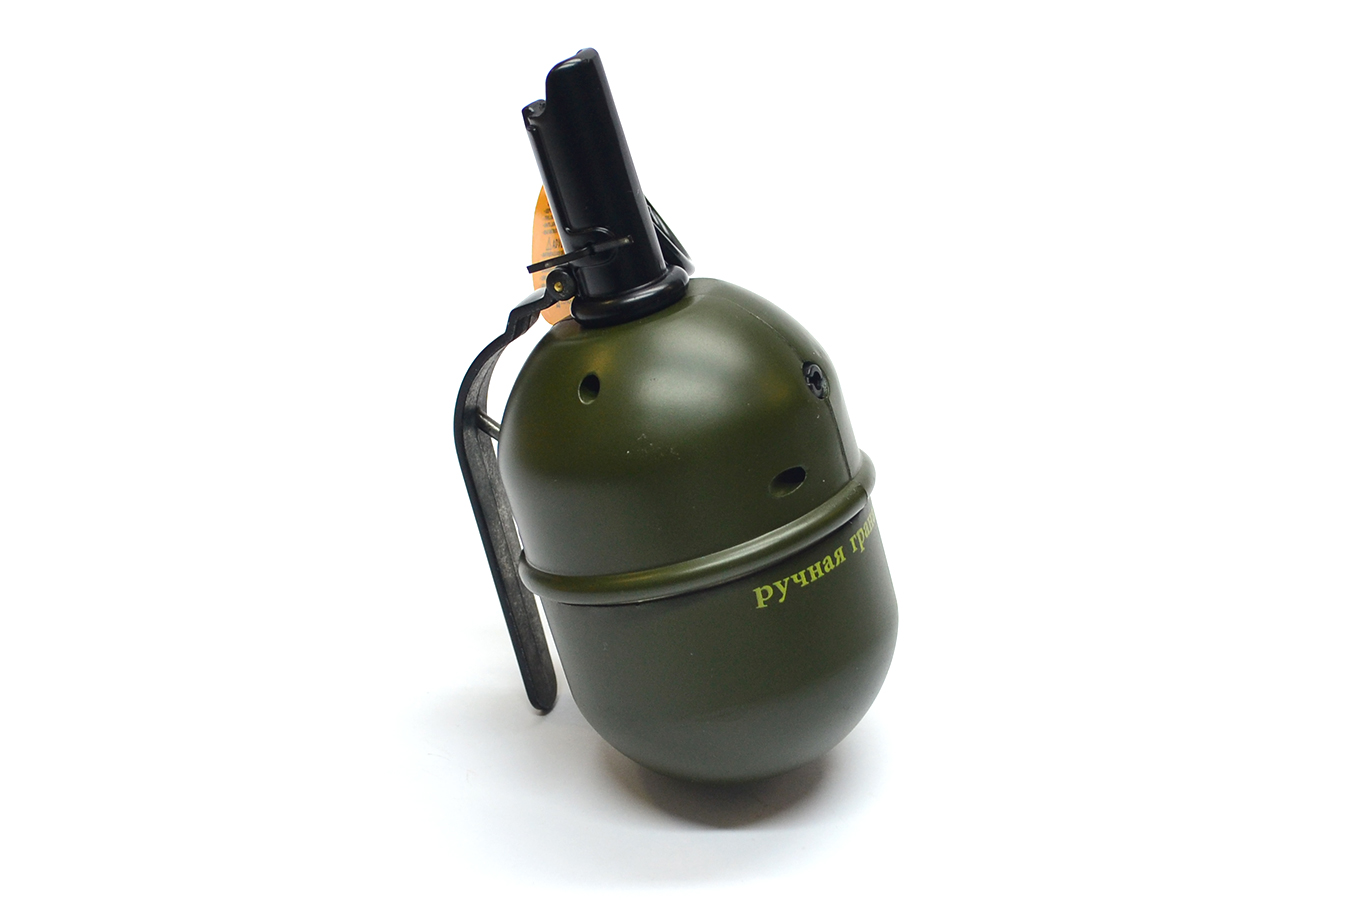 Зажигалка в виде гранаты РГД-5, с пепельницей